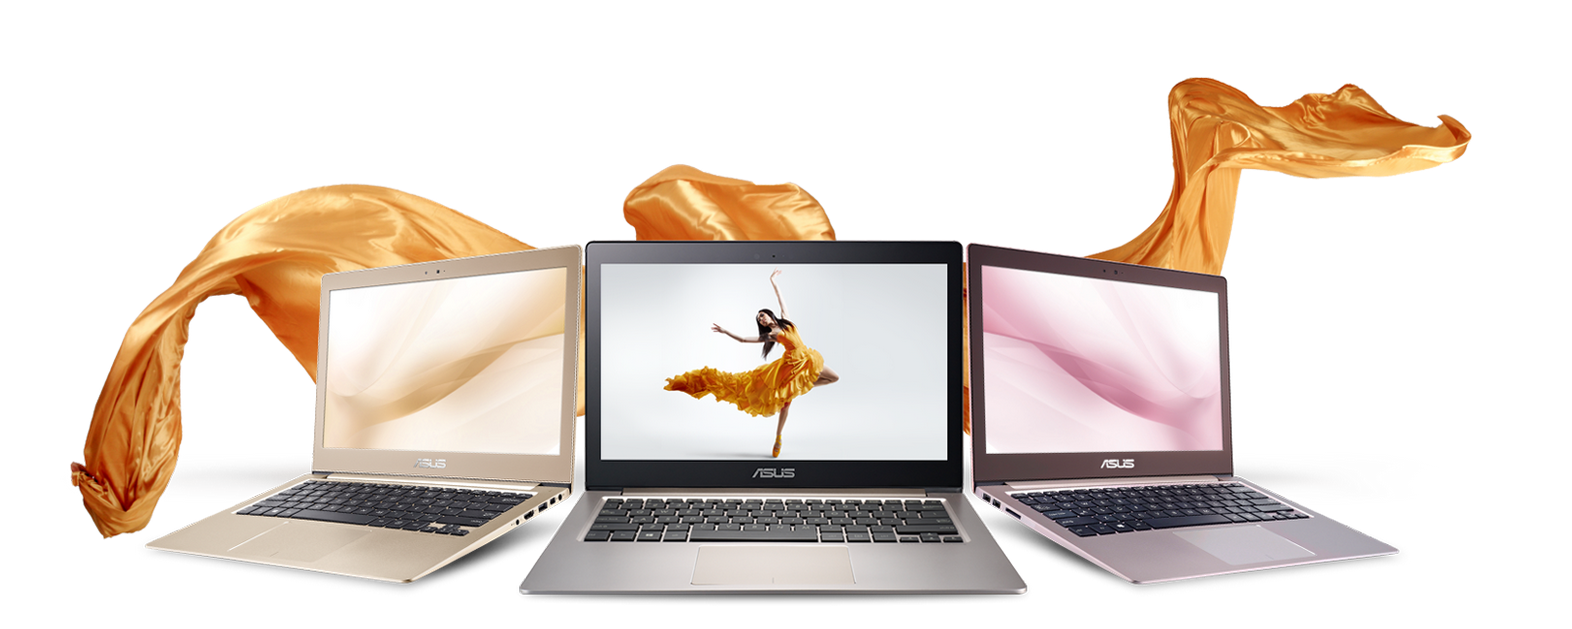 Ноутбук ASUS UX303UA 90NB08V3-M07040 (Intel Core i3-6100U 2.3 GHz/4096Mb/500Gb/No ODD/Intel HD Graphics/Wi-Fi/Bluetooth/Cam/13.3/1920x1080/Windows 10 64-bit)